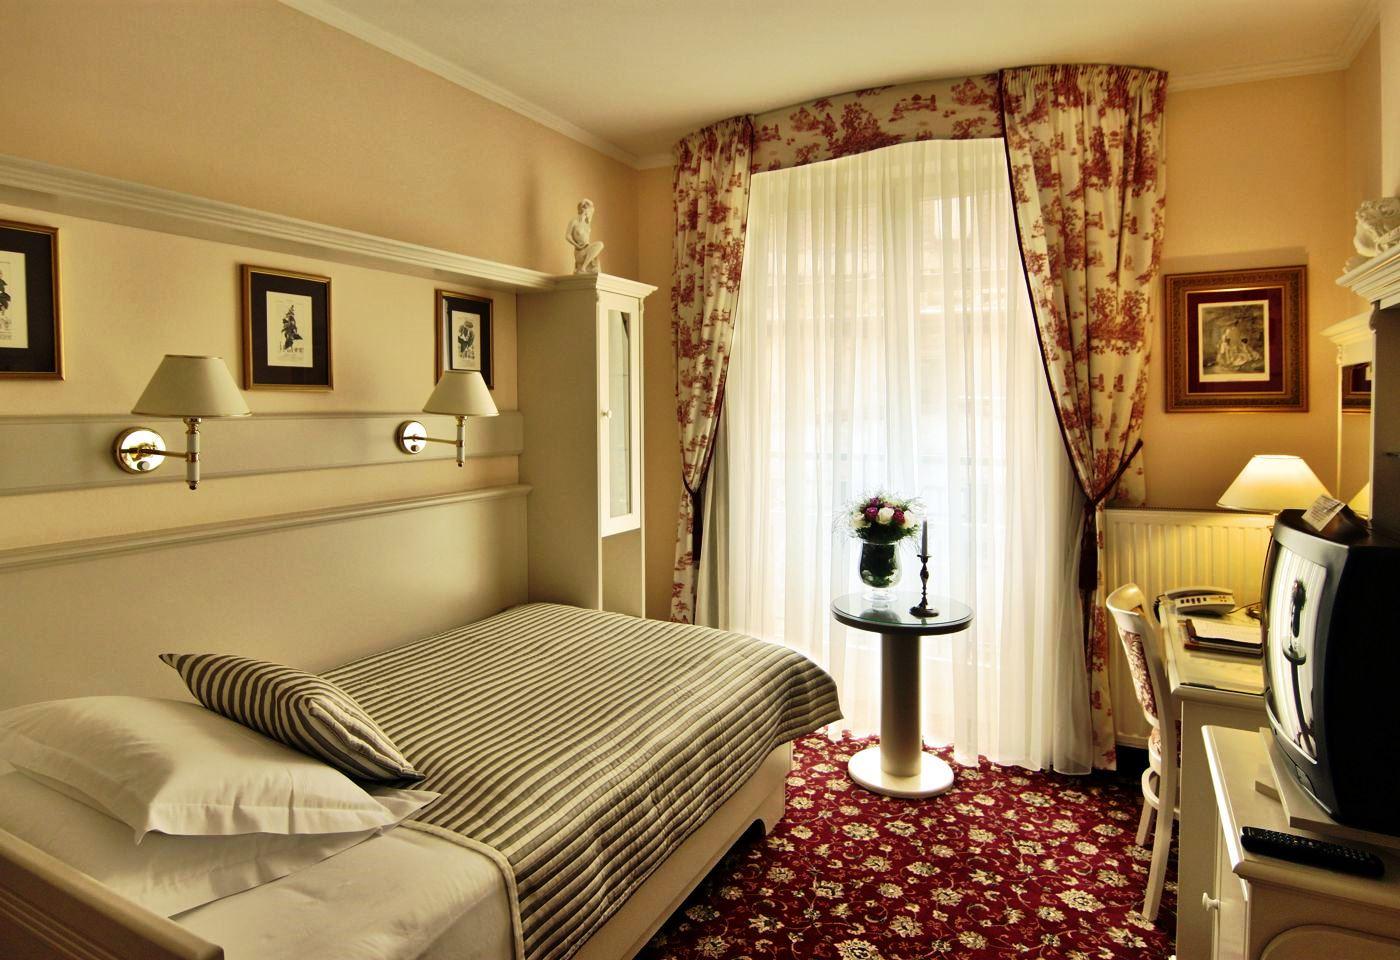 Lázeňský hotel Aura Palace – luxusní ubytování, jednolůžkový pokoj